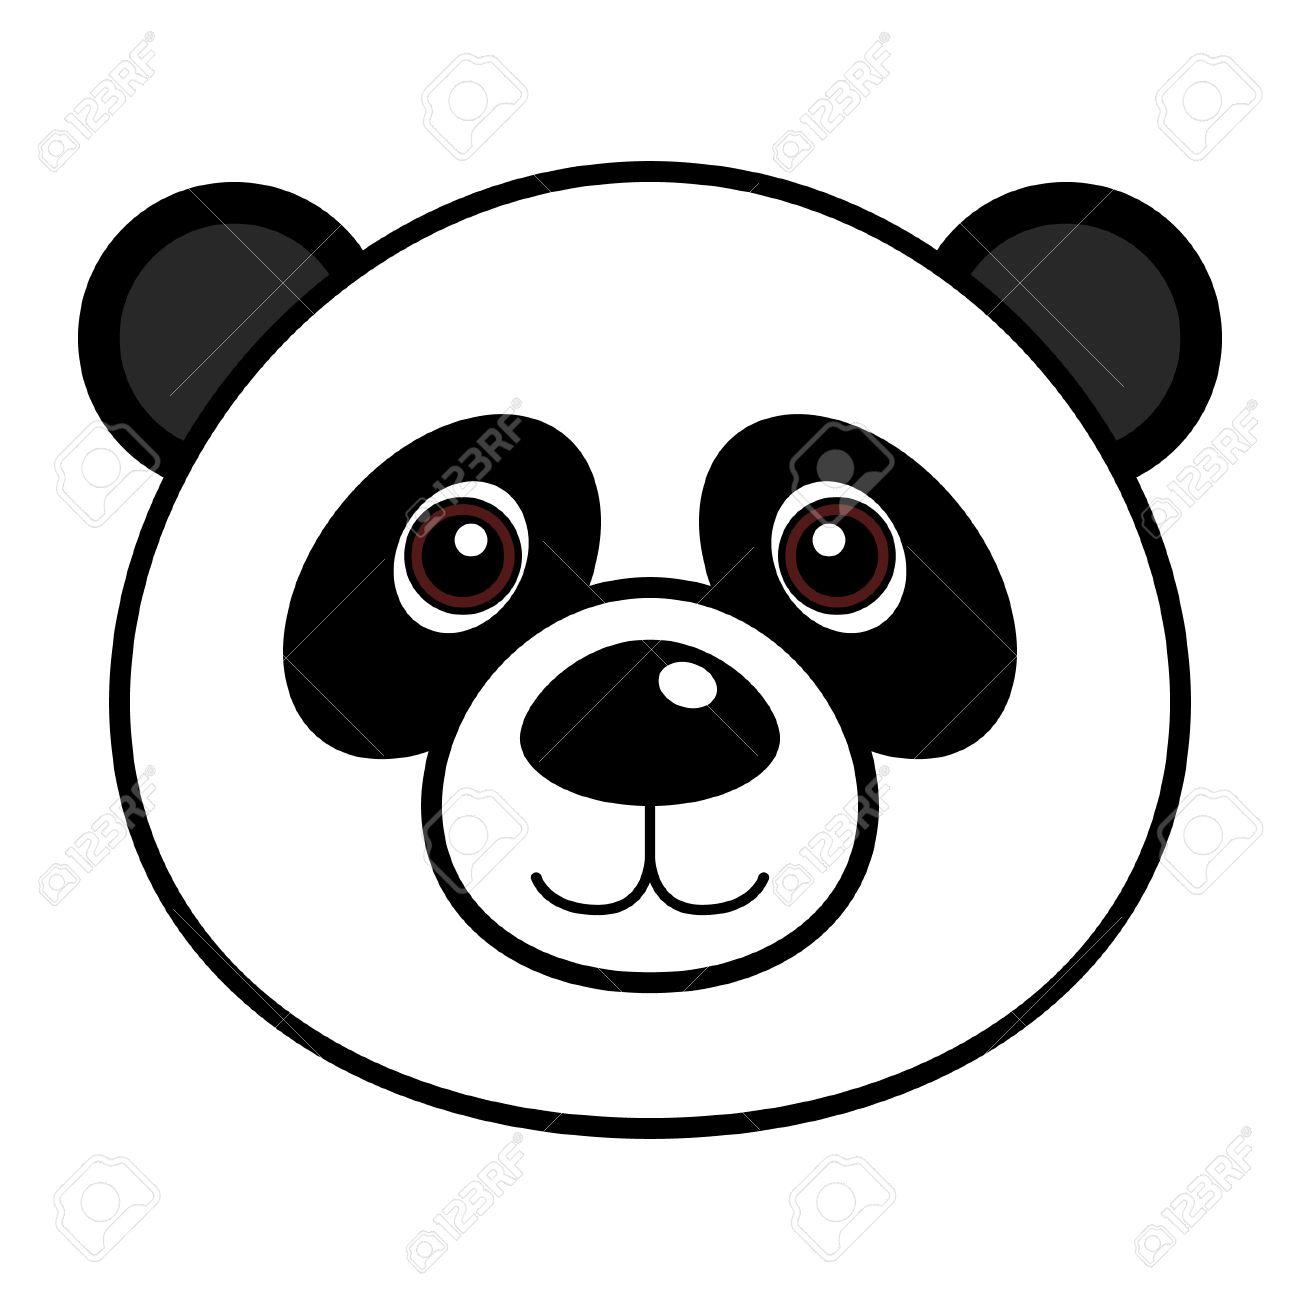 86 Gambar Kartun Lucu Imut Animasi Panda Gratis Cikimm Com